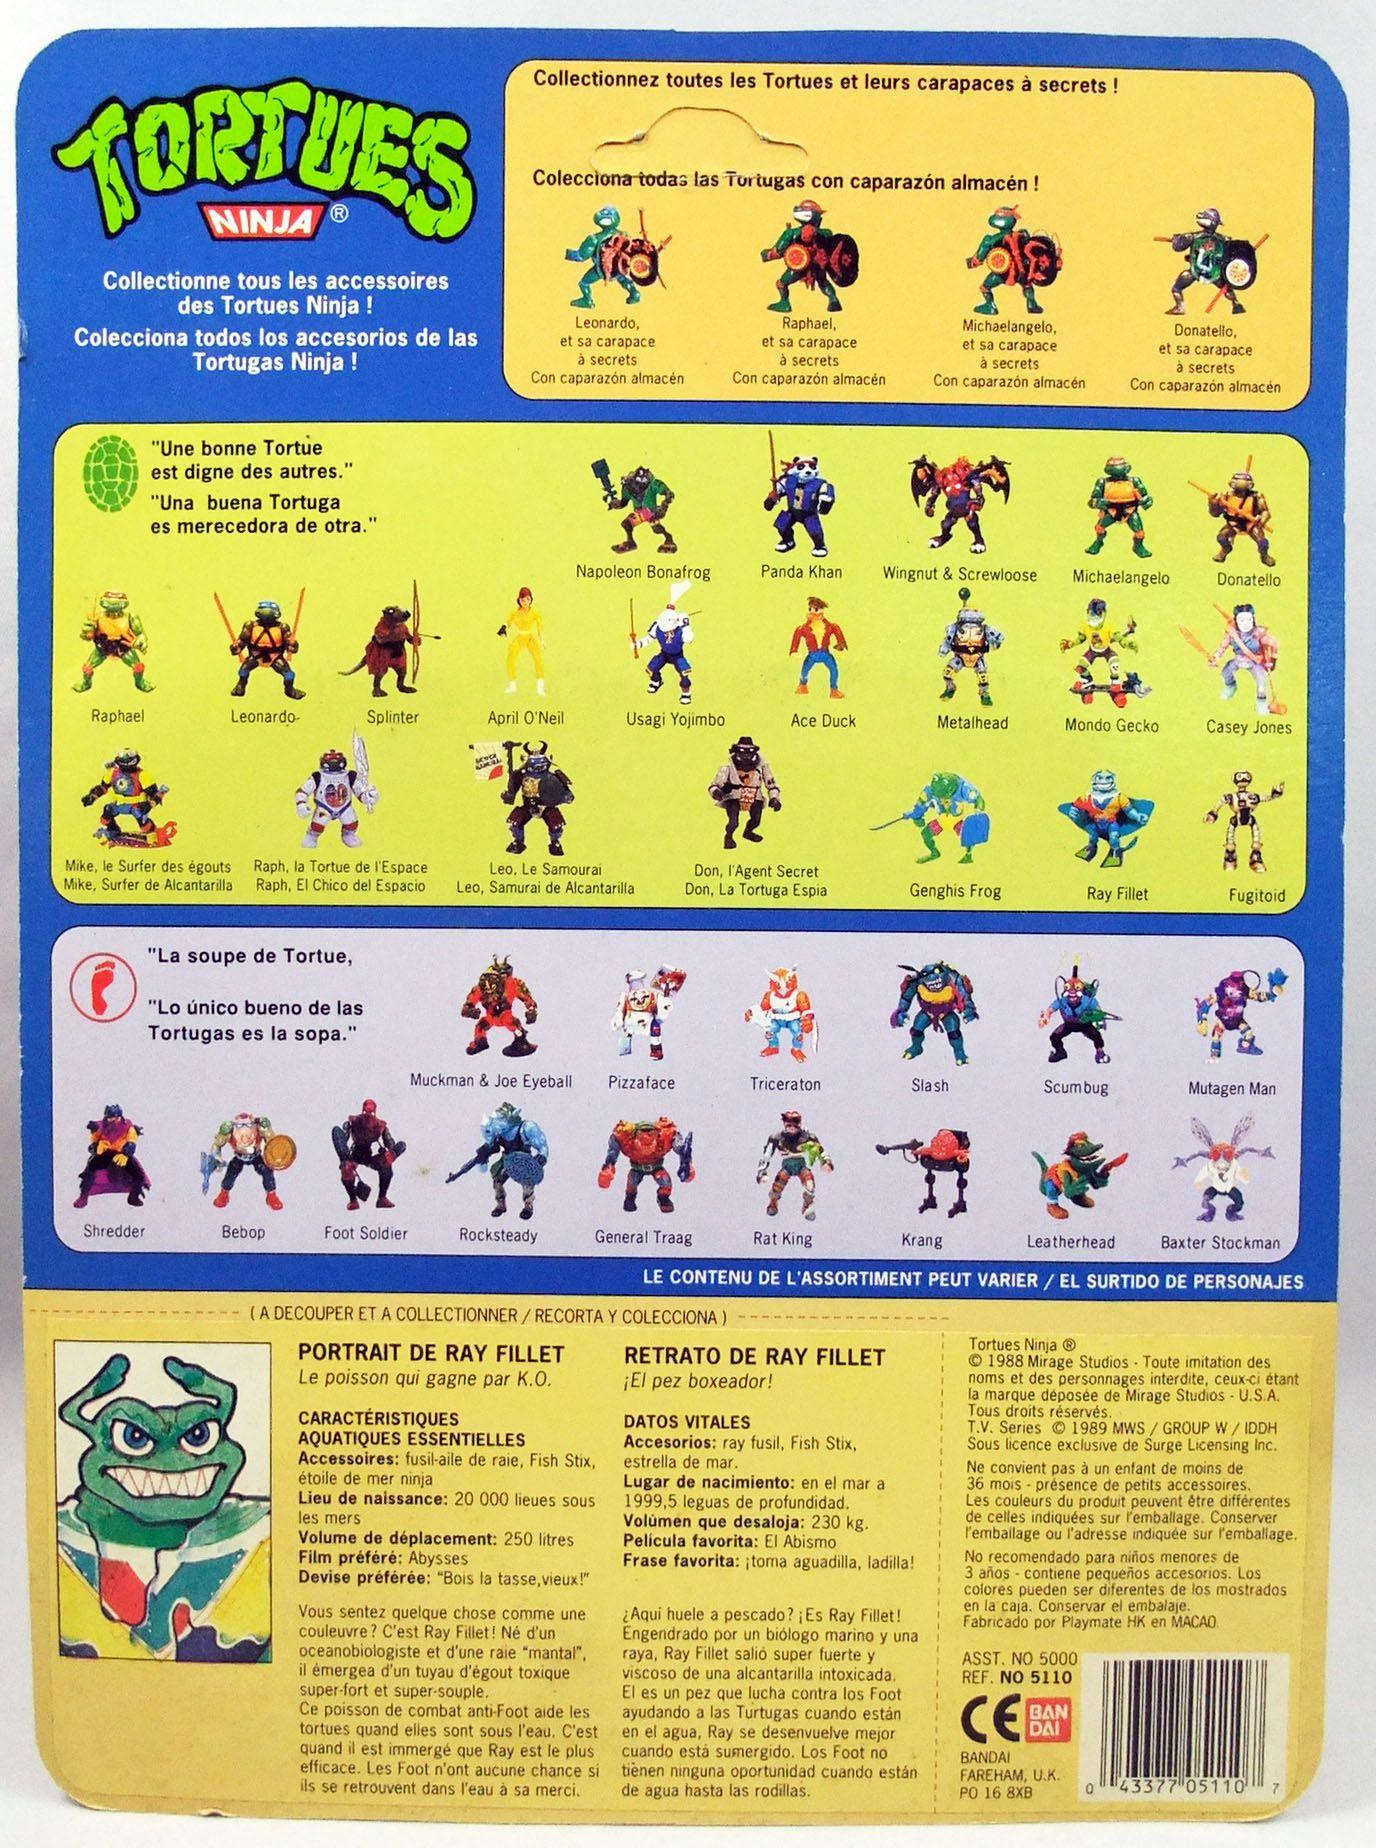 Teenage Mutant Ninja Turtles - 1990 - Ray Fillet